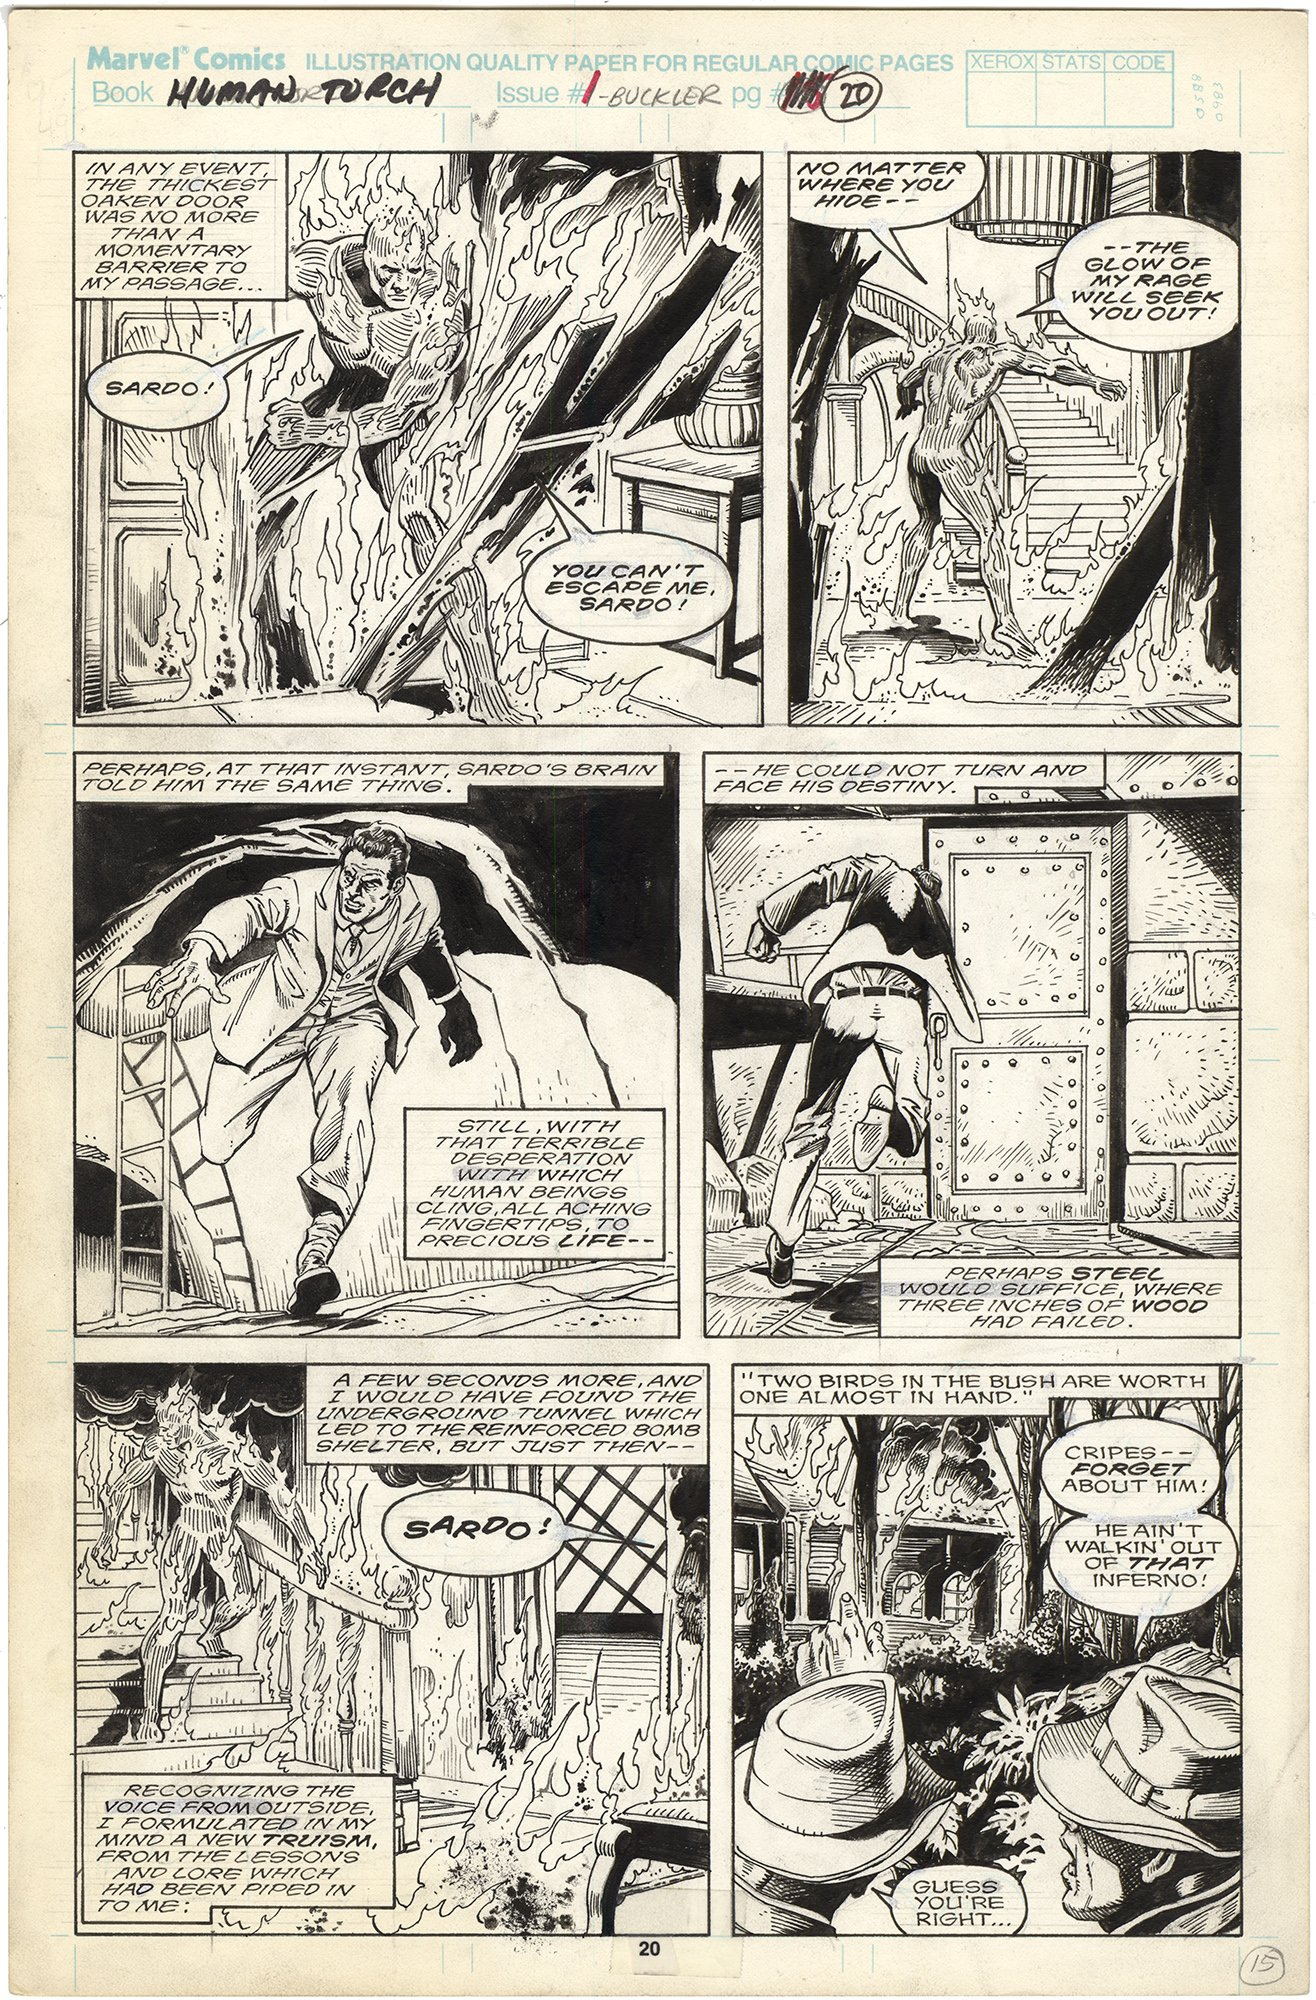 Saga of The Original Human Torch #1 p20